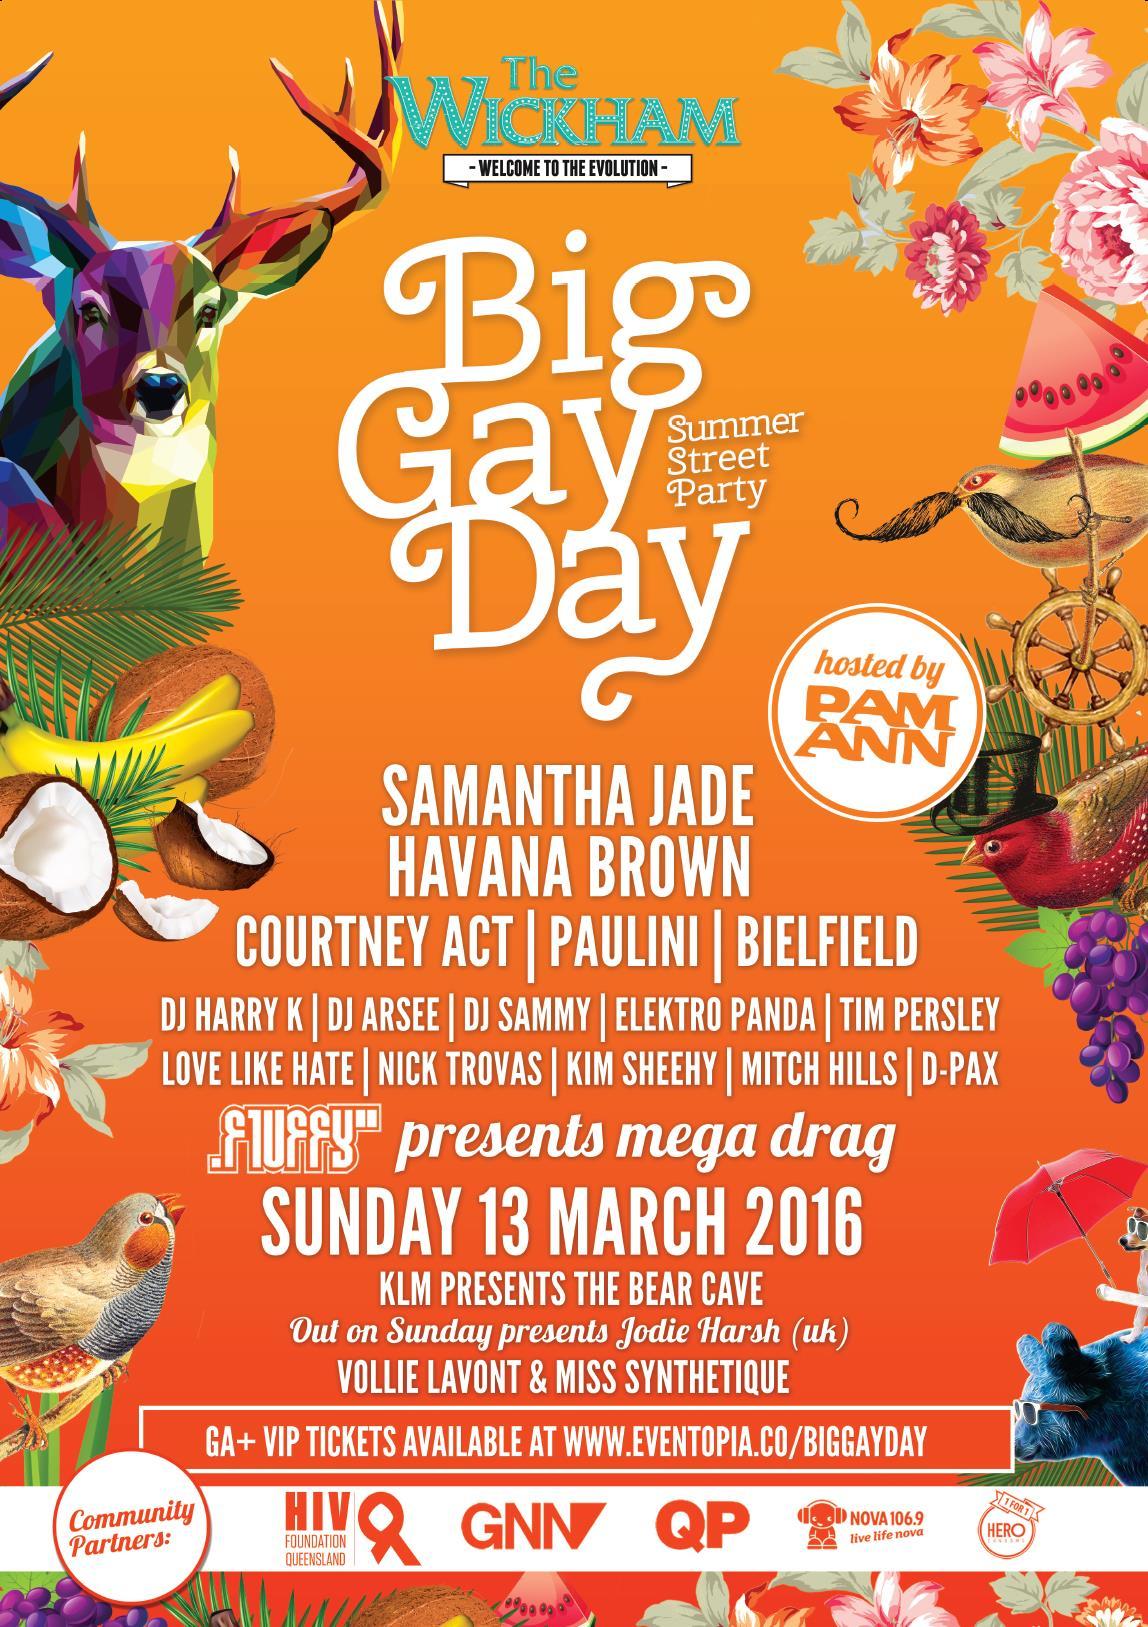 Big brisbane day gay